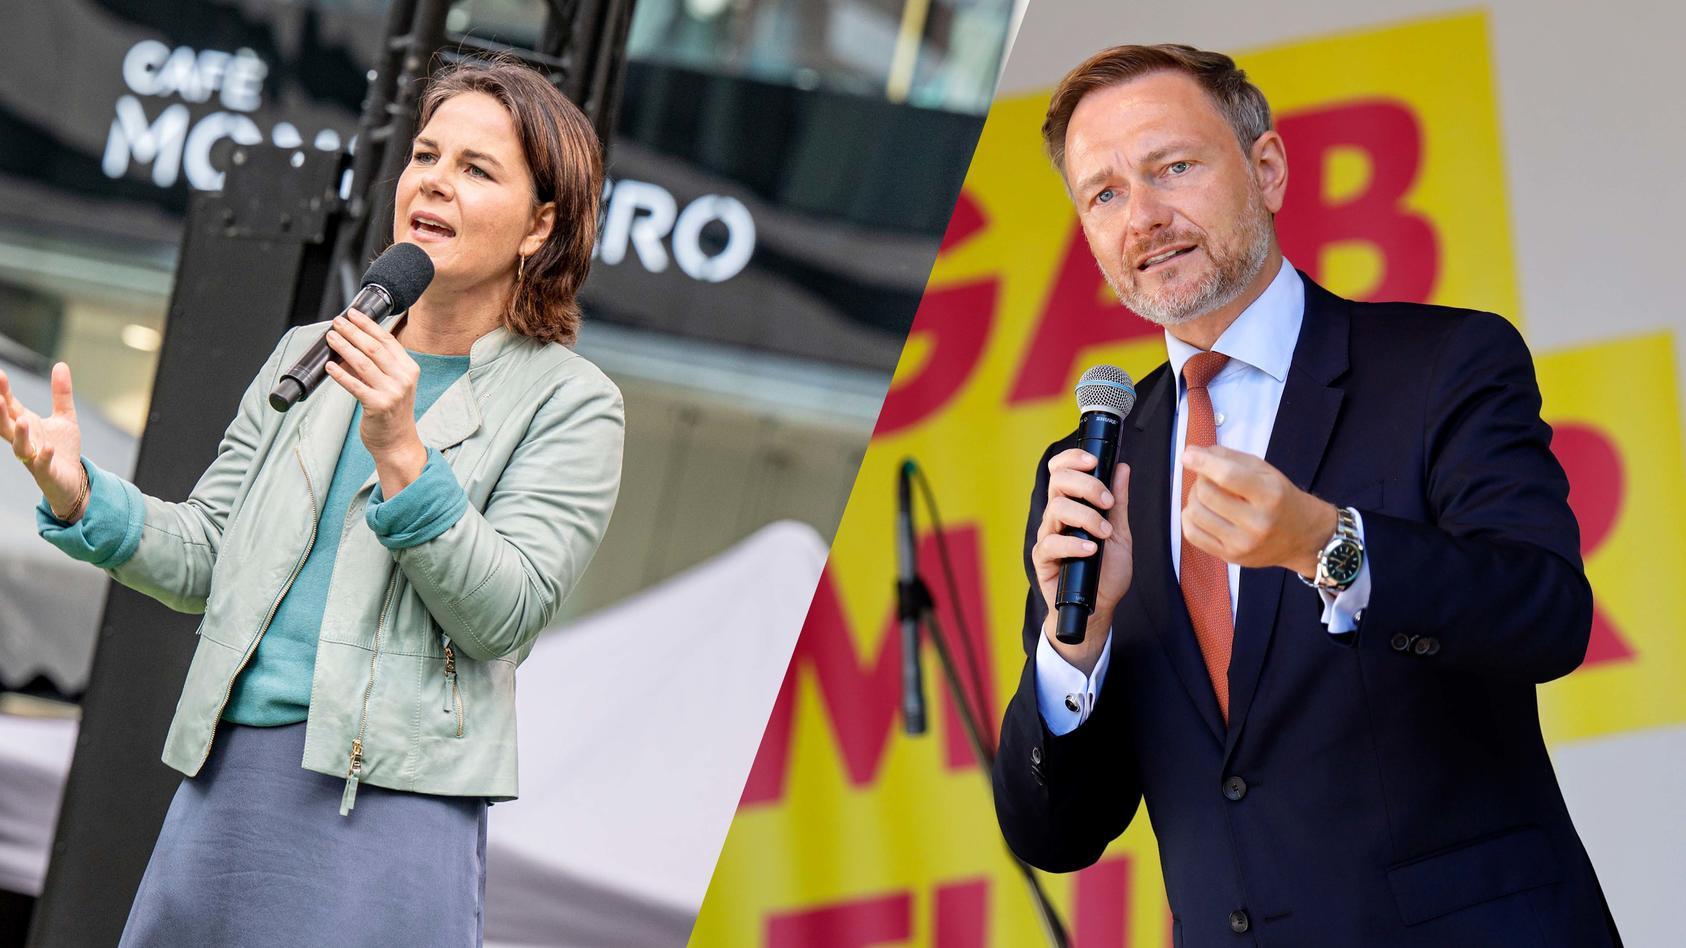 Annalena Baerbock und Christian Lindner wollen zuerst miteinander sprechen